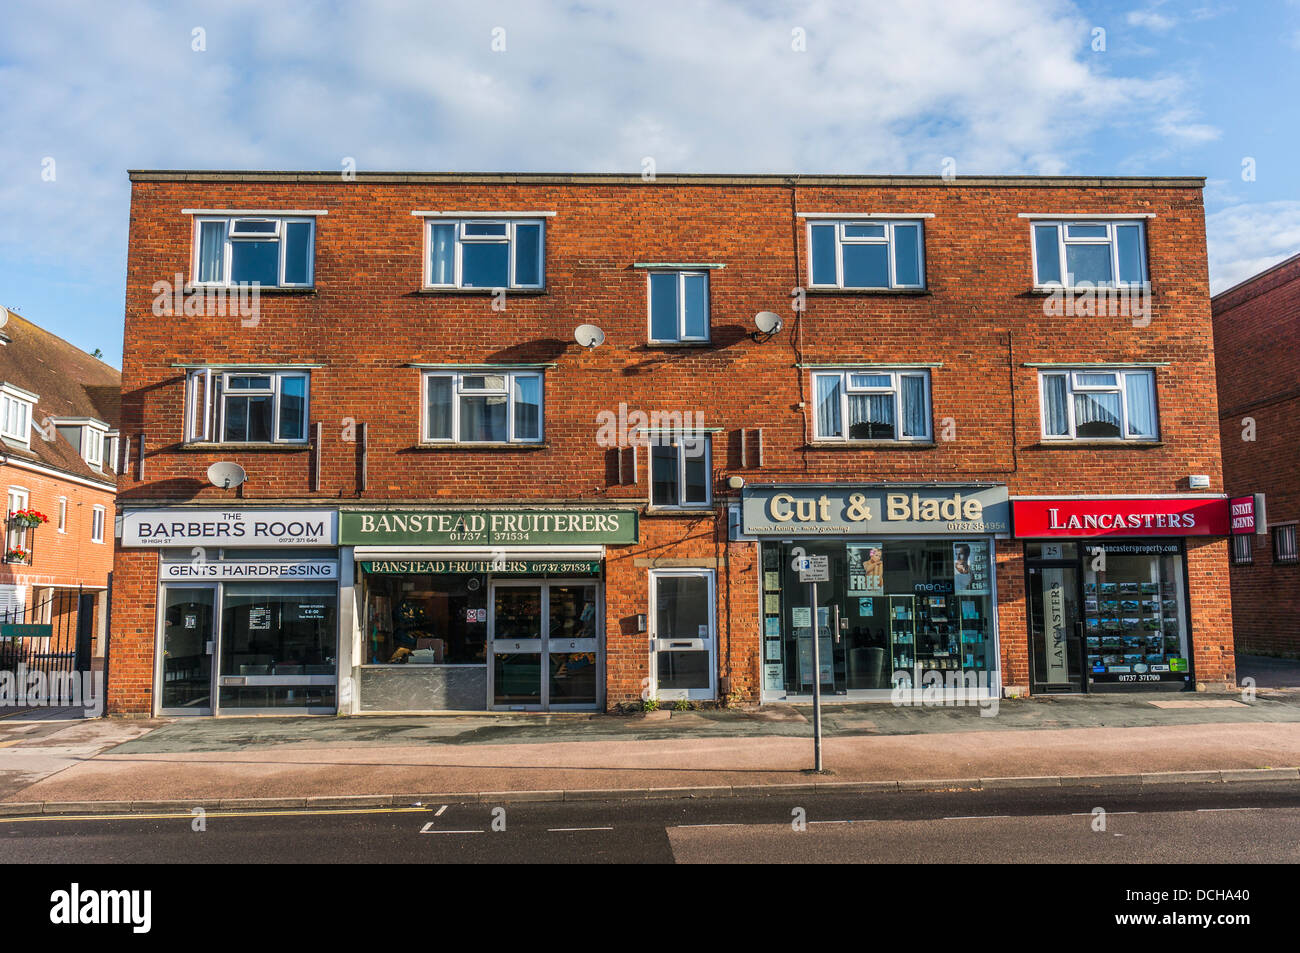 Bloque de tiendas locales independientes con pisos superiores, en Banstead Village High Street, en una tranquila mañana de domingo en Surrey, Inglaterra, Reino Unido. Foto de stock